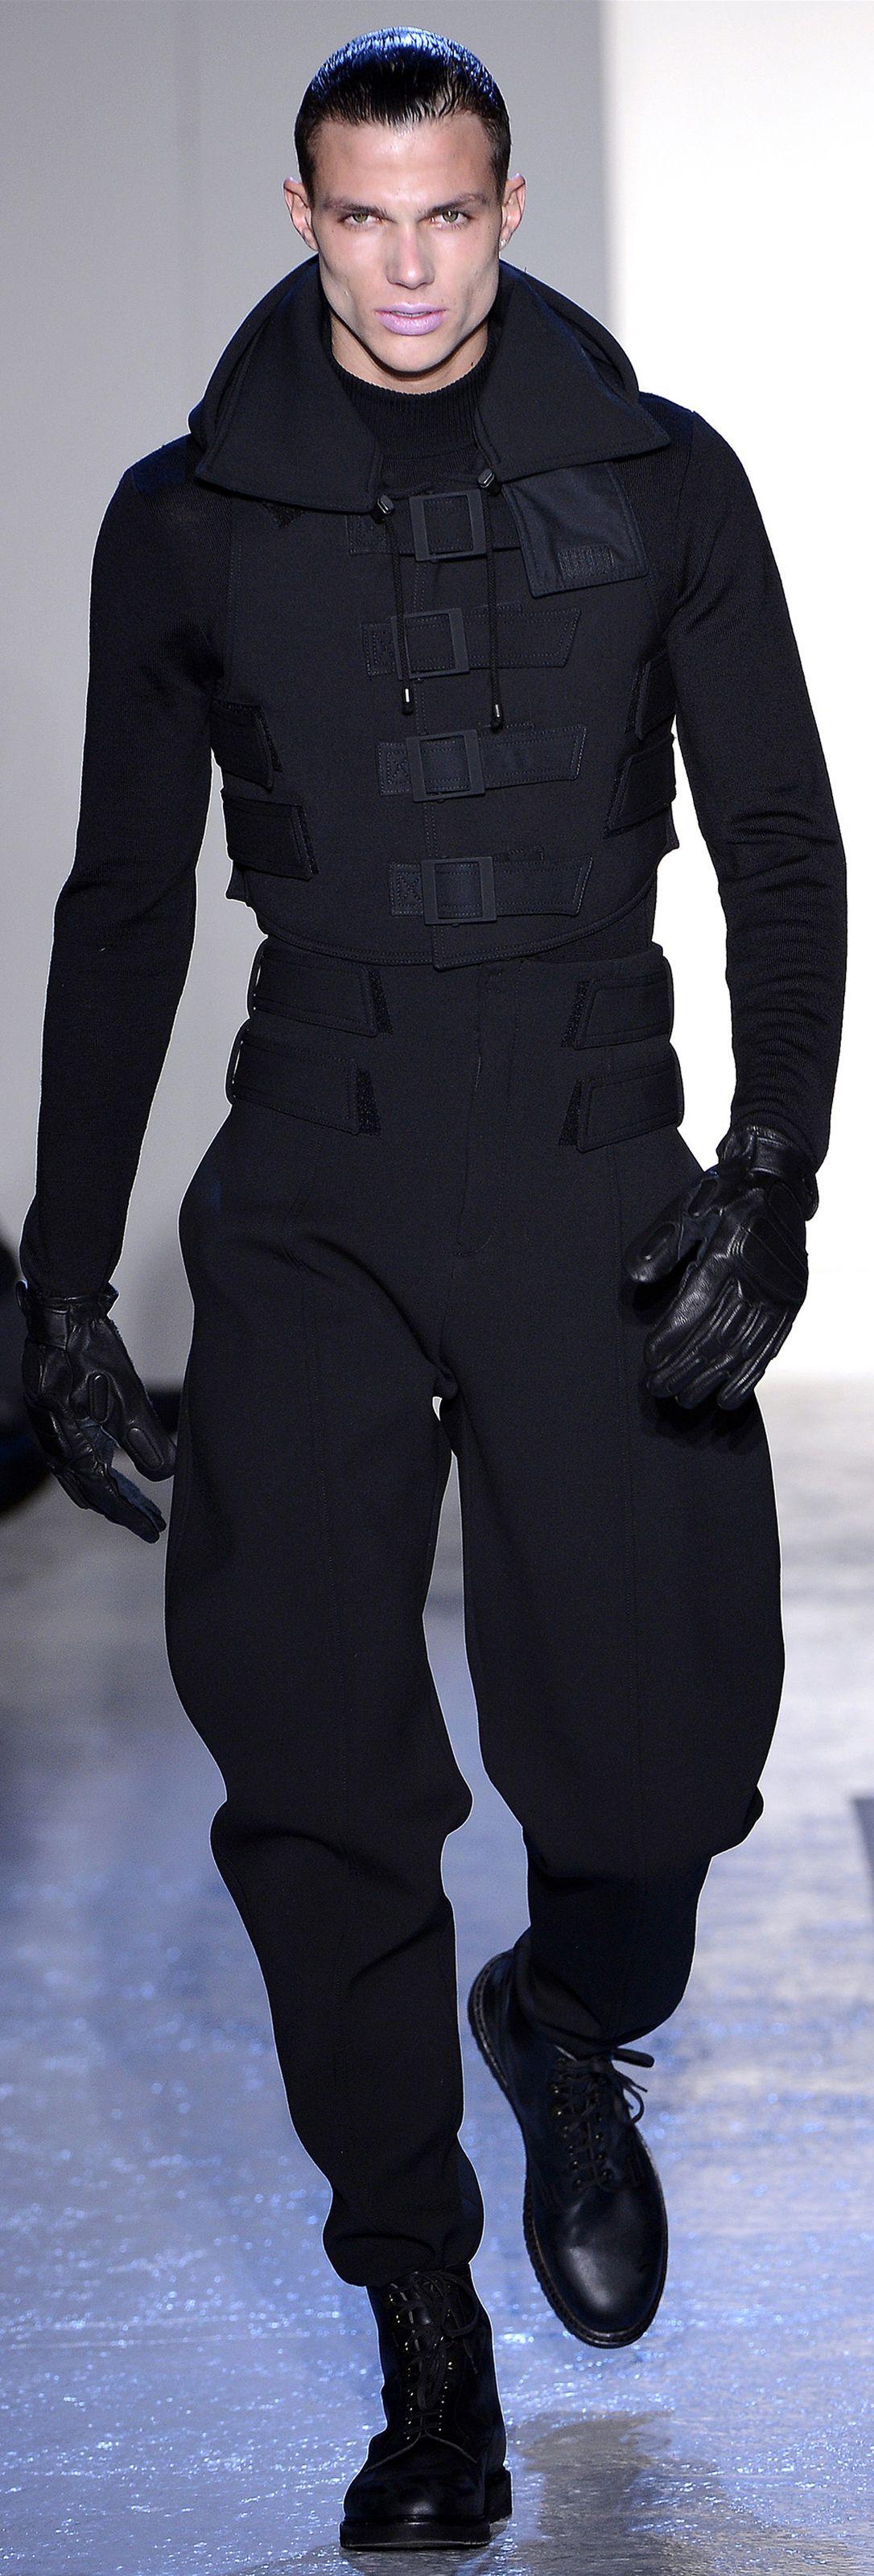 biopunk clothing - photo #29